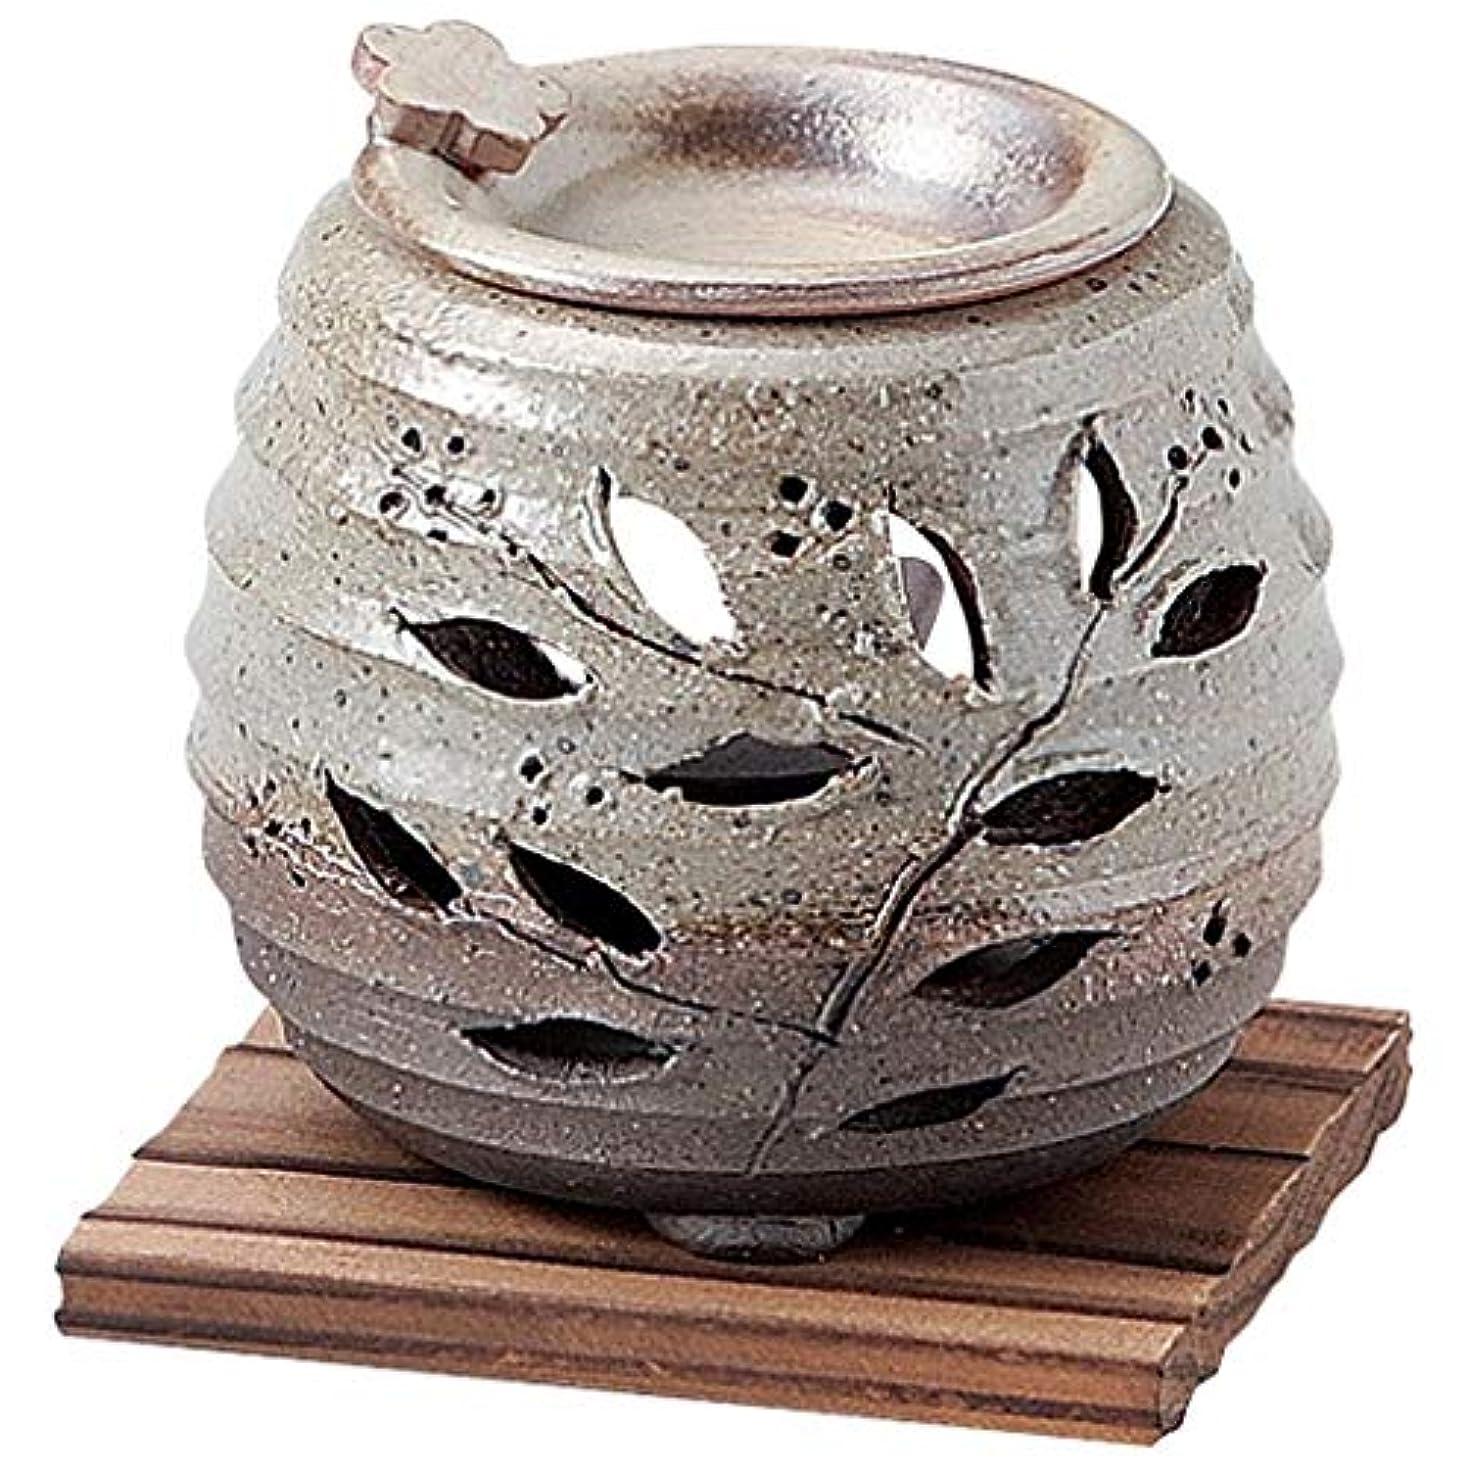 品種悲鳴文句を言うお部屋の消臭に!■常滑焼【茶香炉】石龍作 緑灰釉花茶香炉(板付)